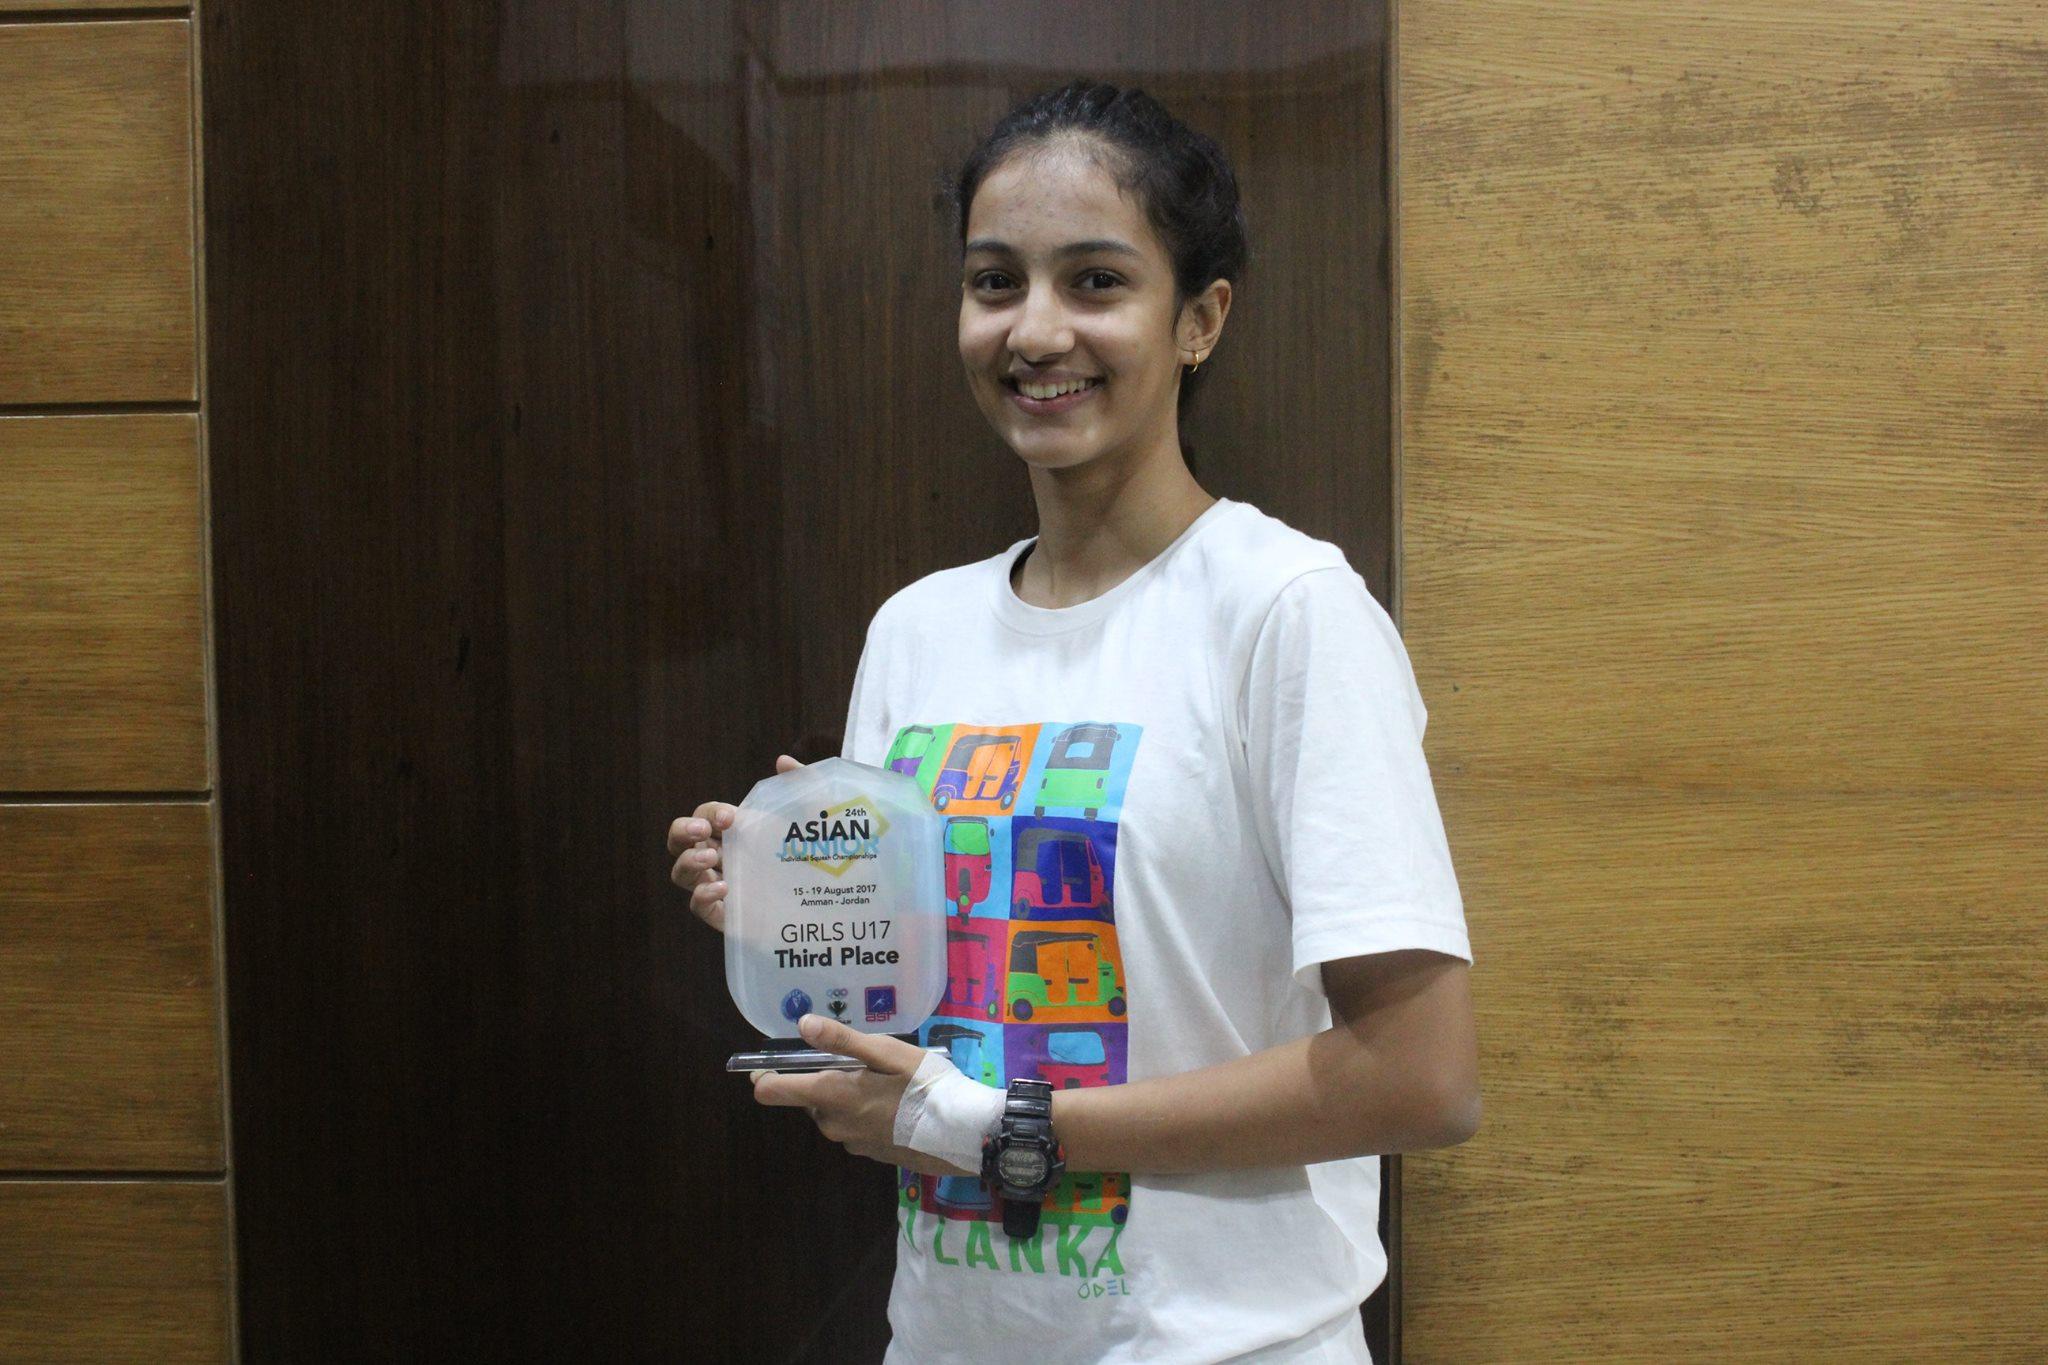 Ms. Navmi Sharma